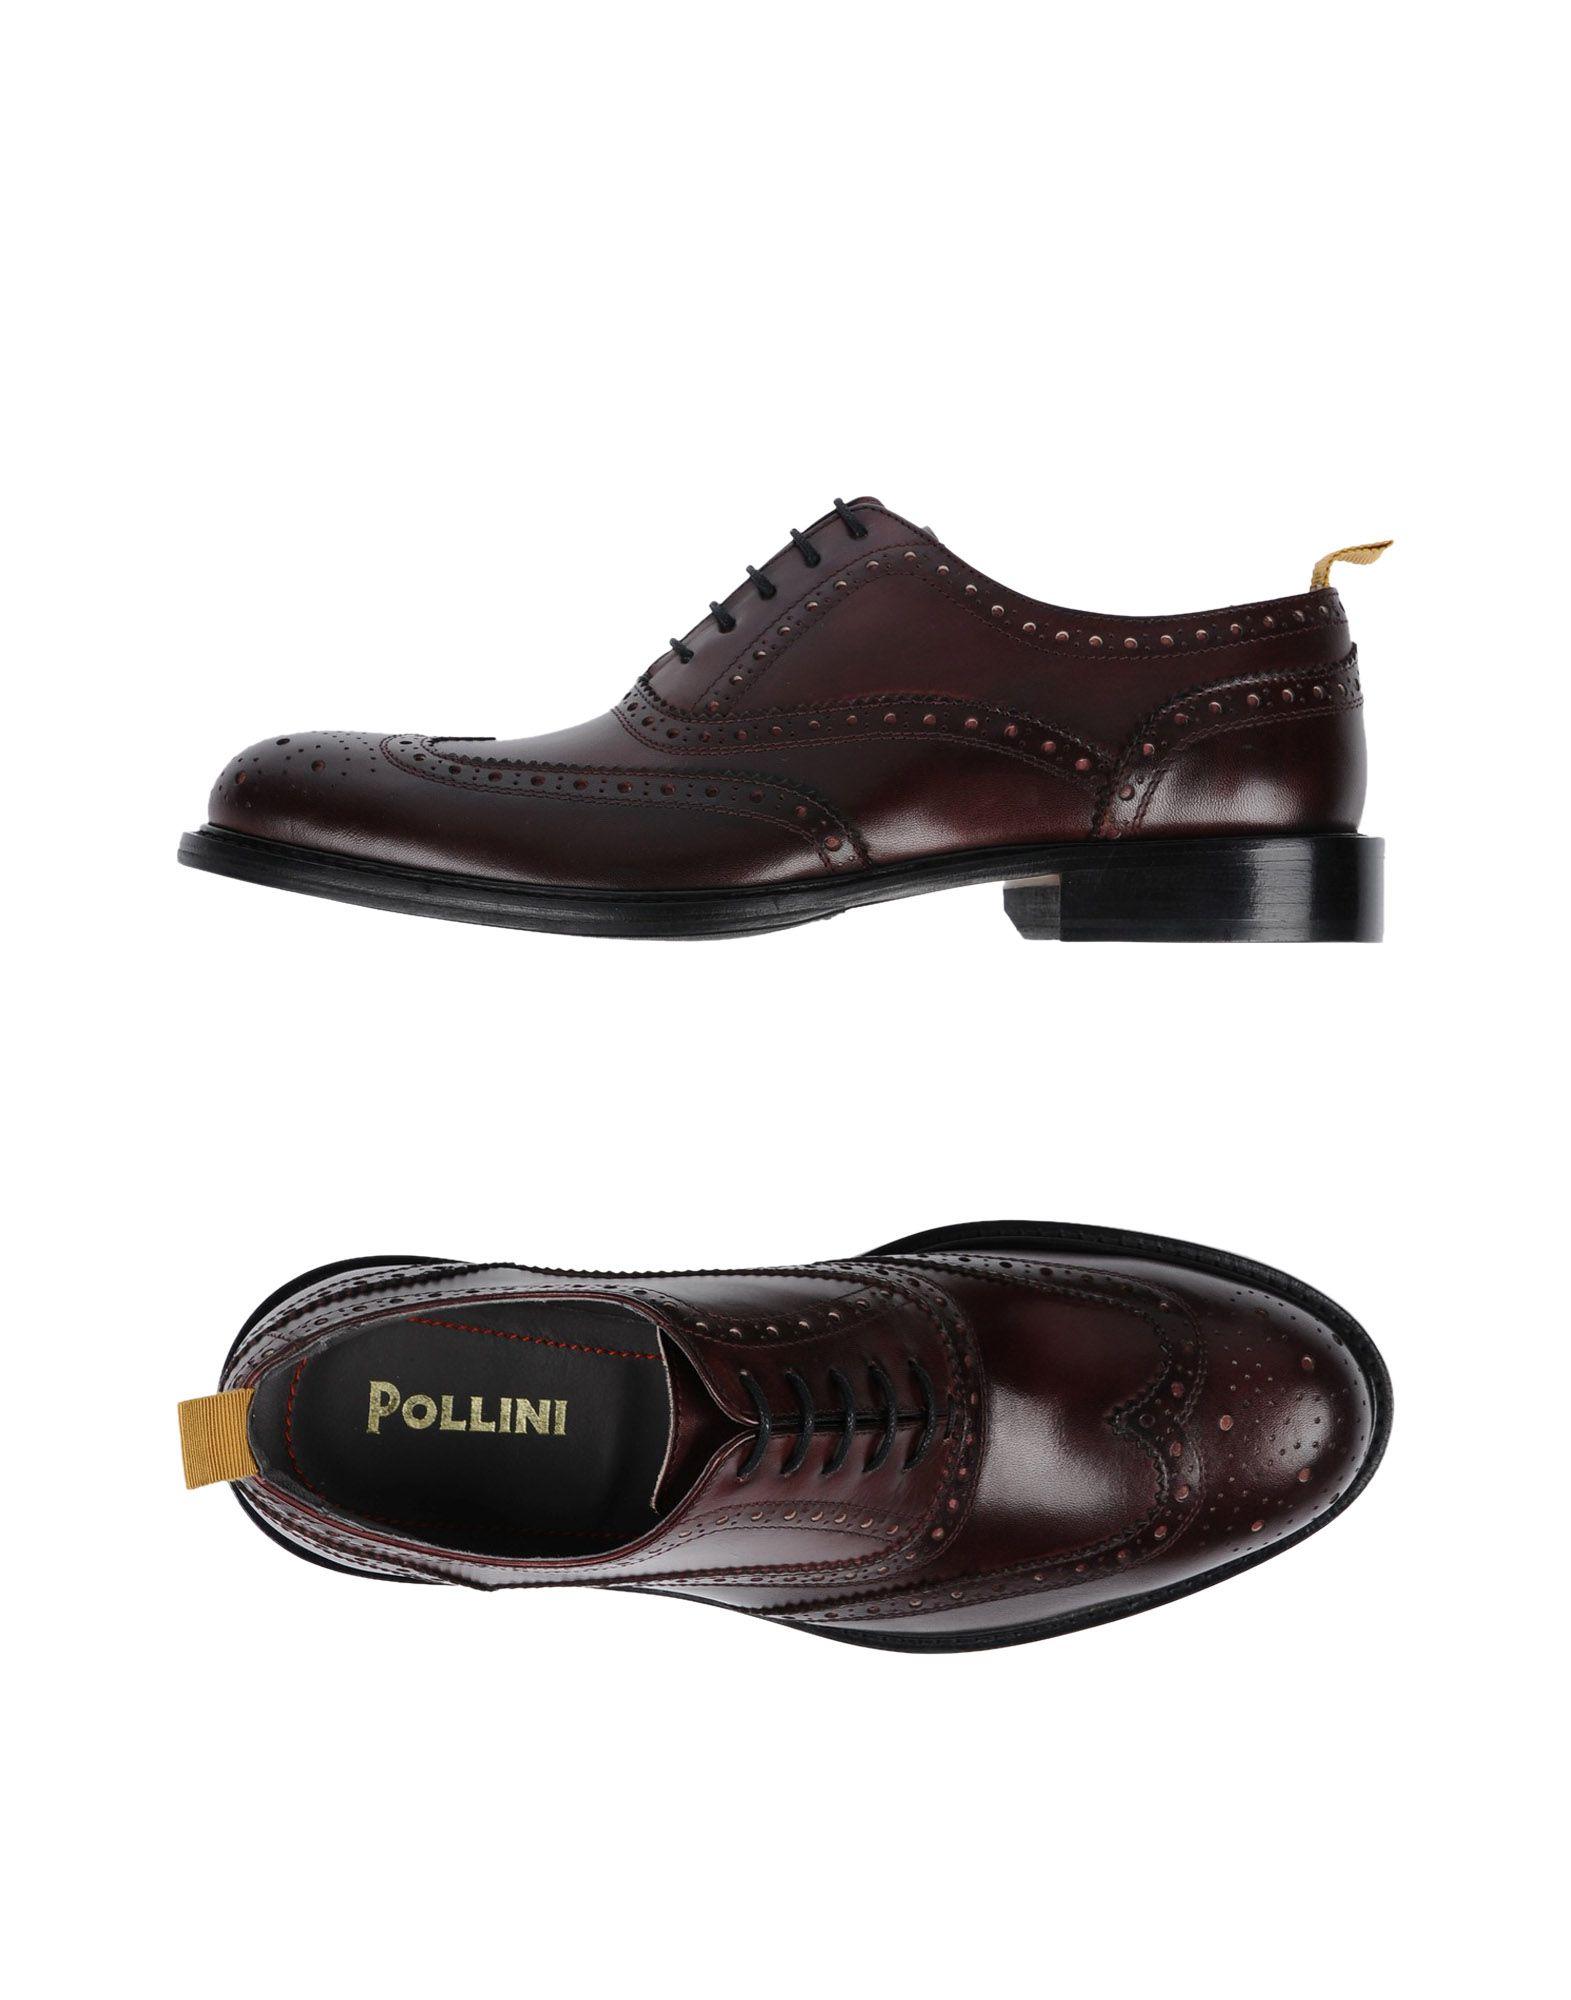 Pollini Schnürschuhe Herren   11447538HU Heiße Schuhe a0ca4d